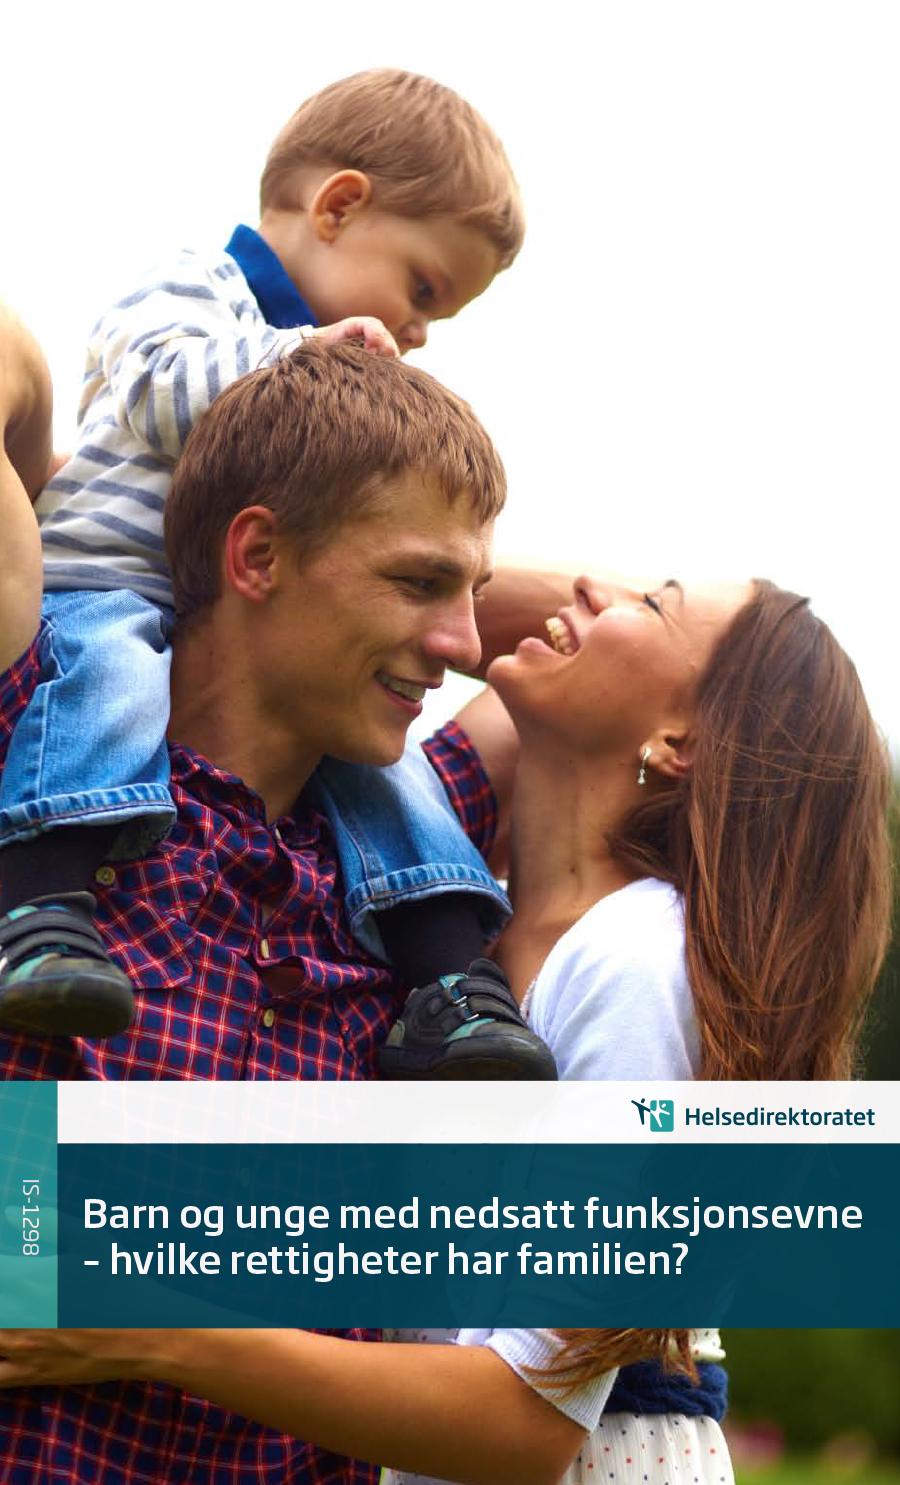 Omslagsbilde til Barn og unge med nedsatt funksjonsevne og familiene deres har behov for tjenester